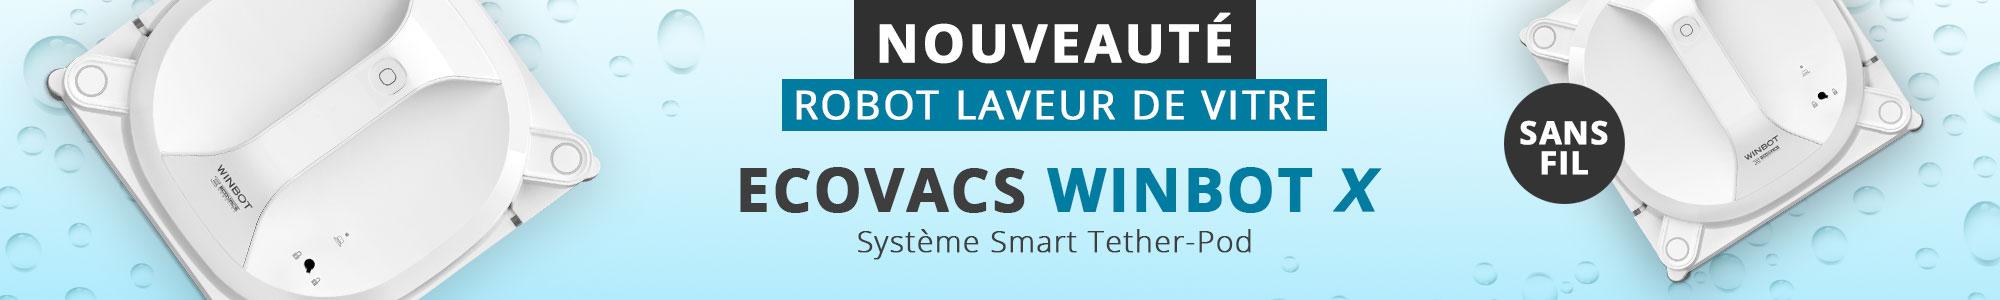 MEA robot laveur de vitre WINBOT X Ecovacs